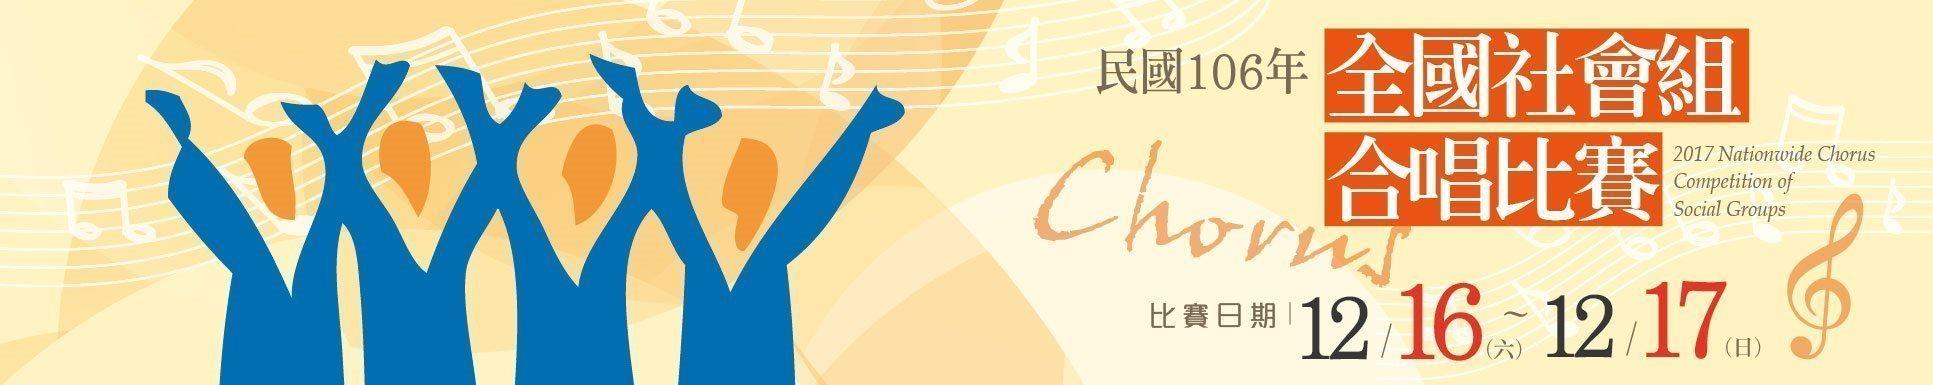 106年全國社會組合唱比賽